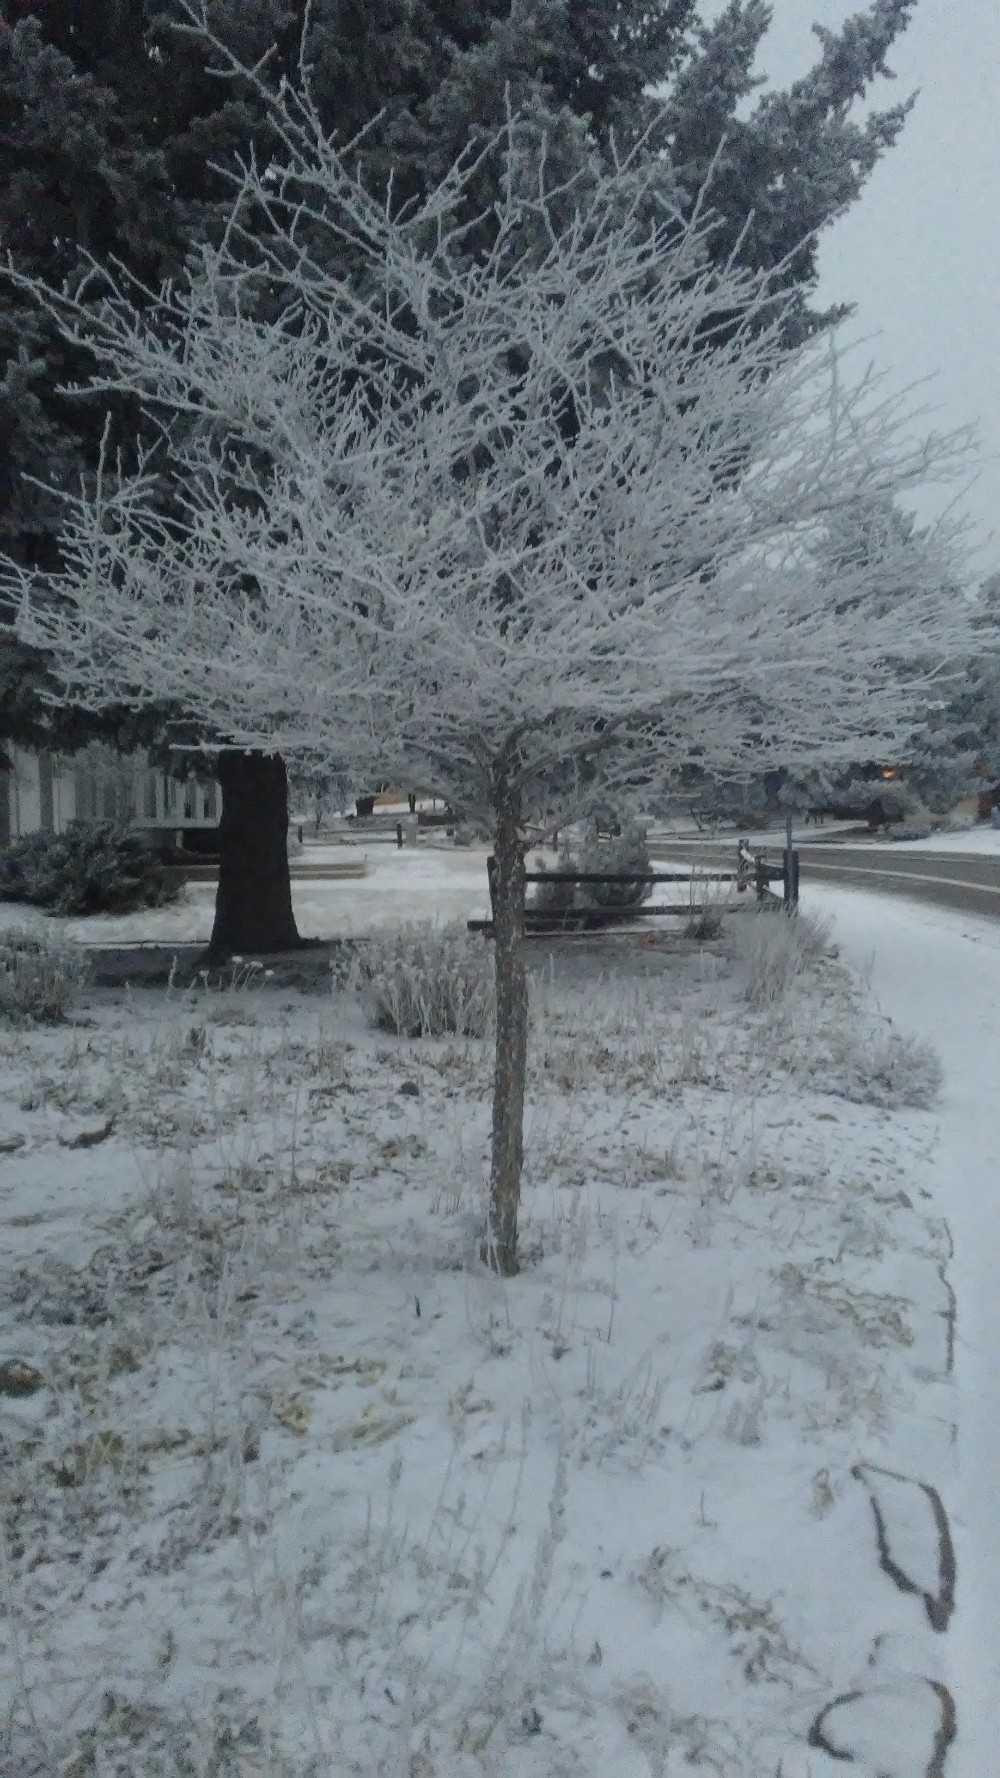 Snowy Colorado